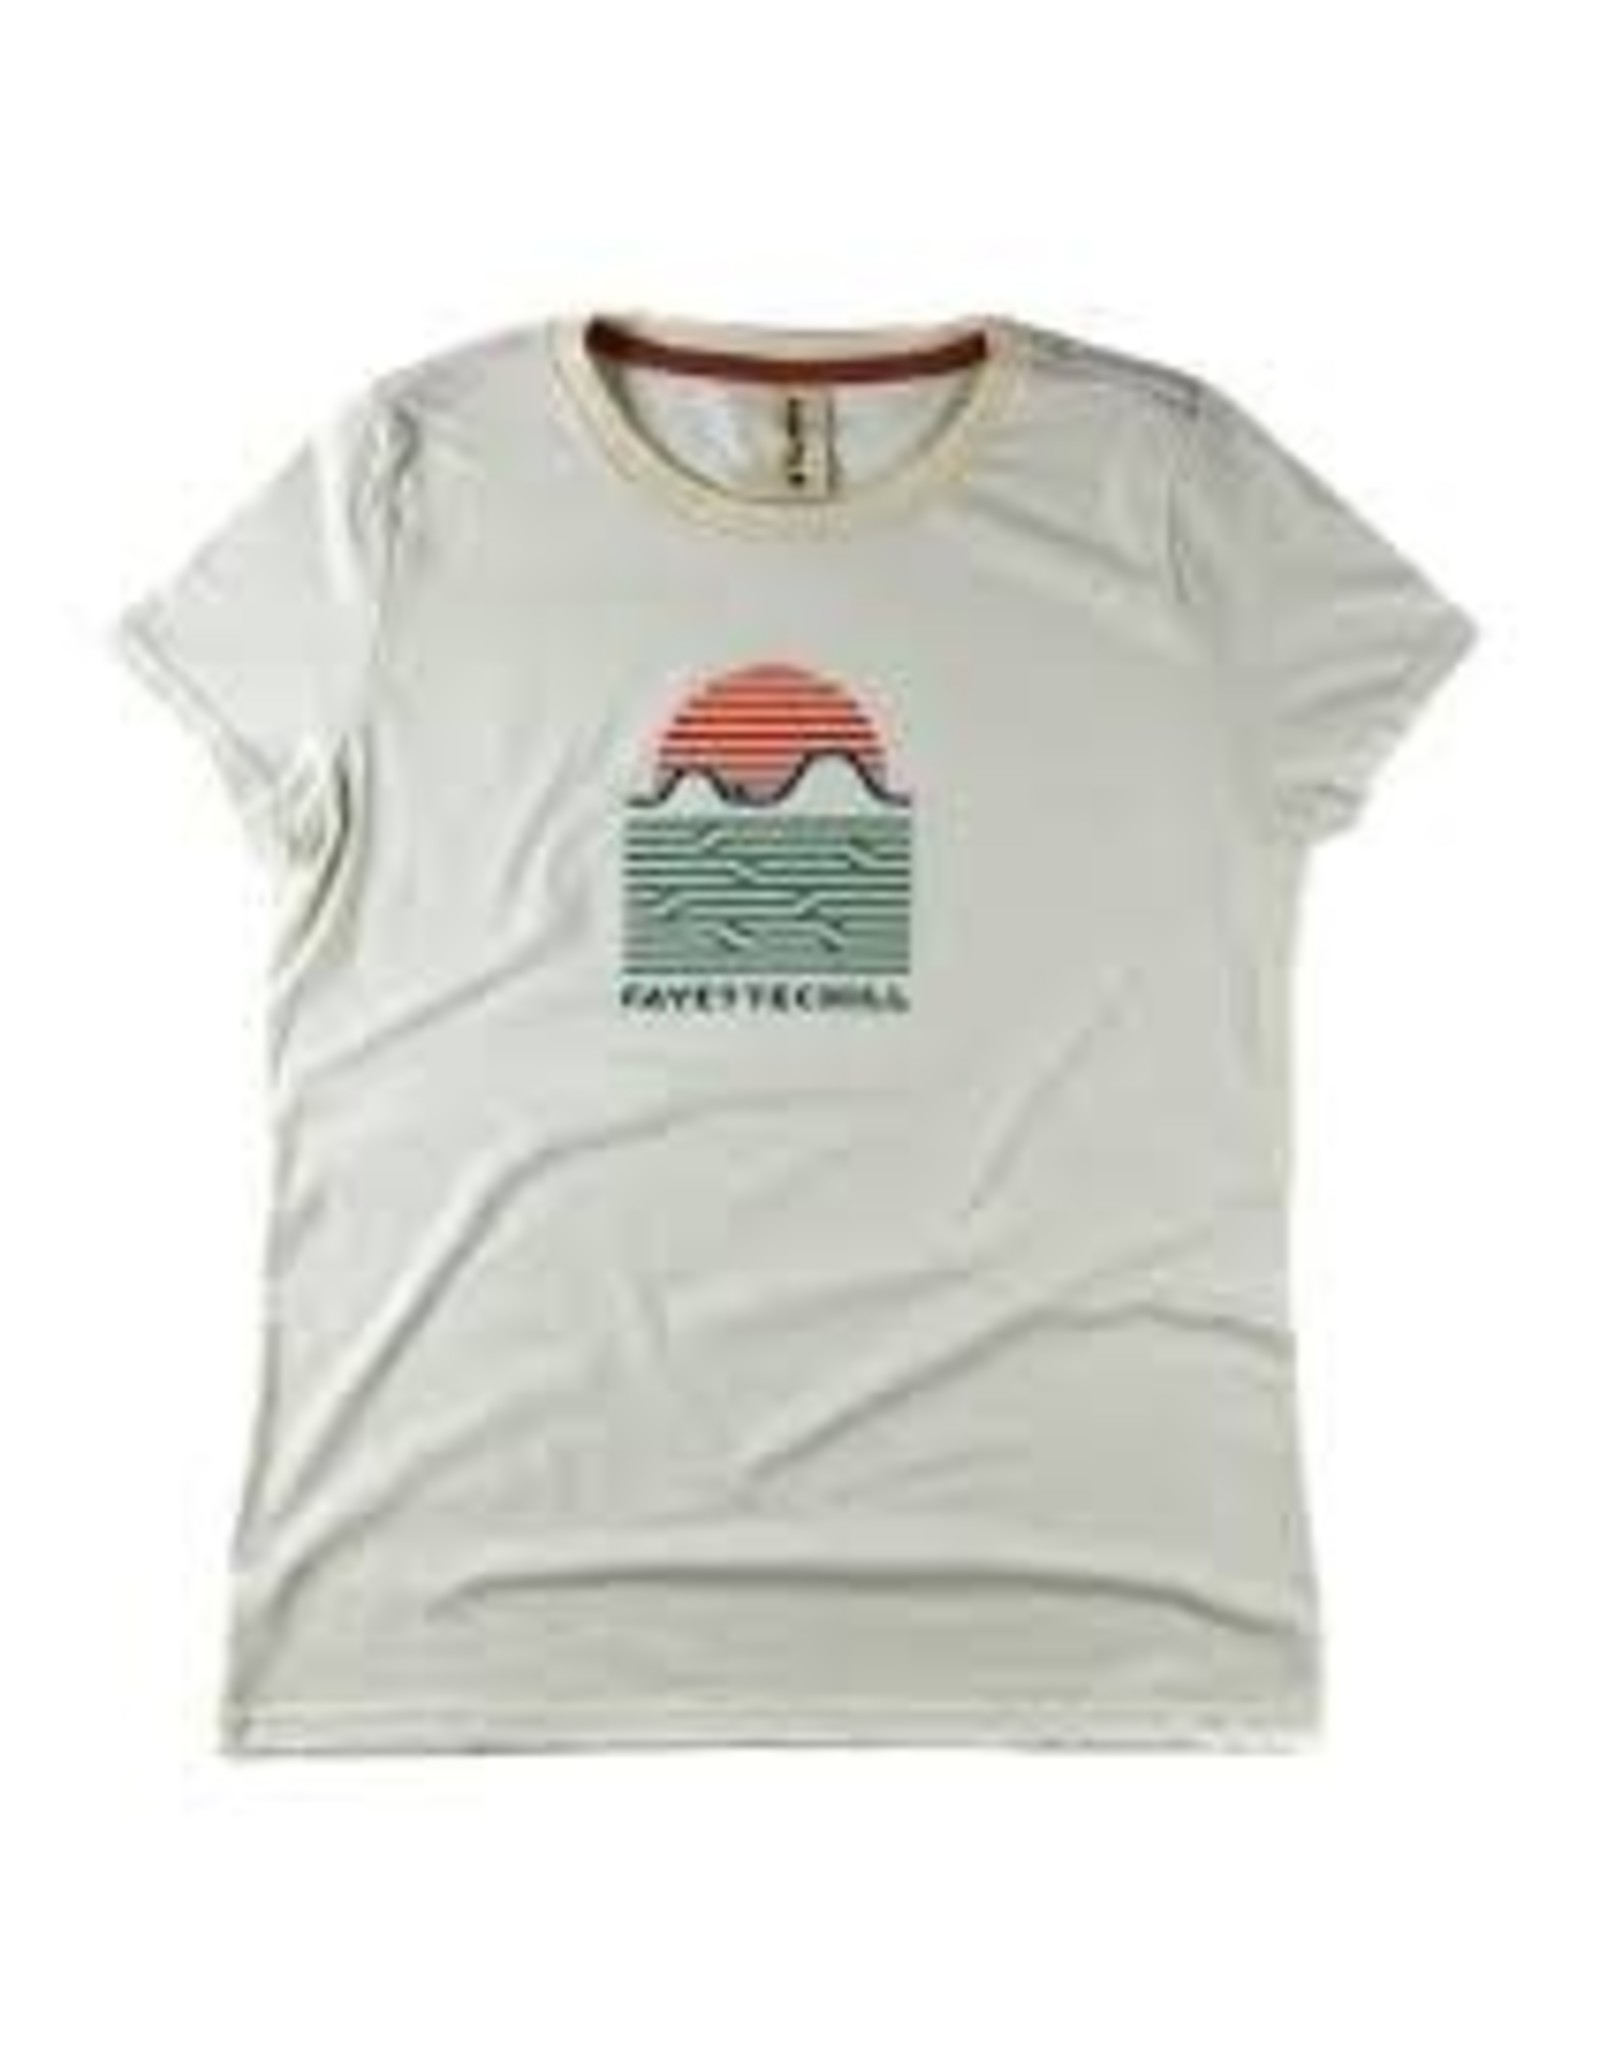 Fayettechill Fayettechill W's Ridgeline T-Shirt